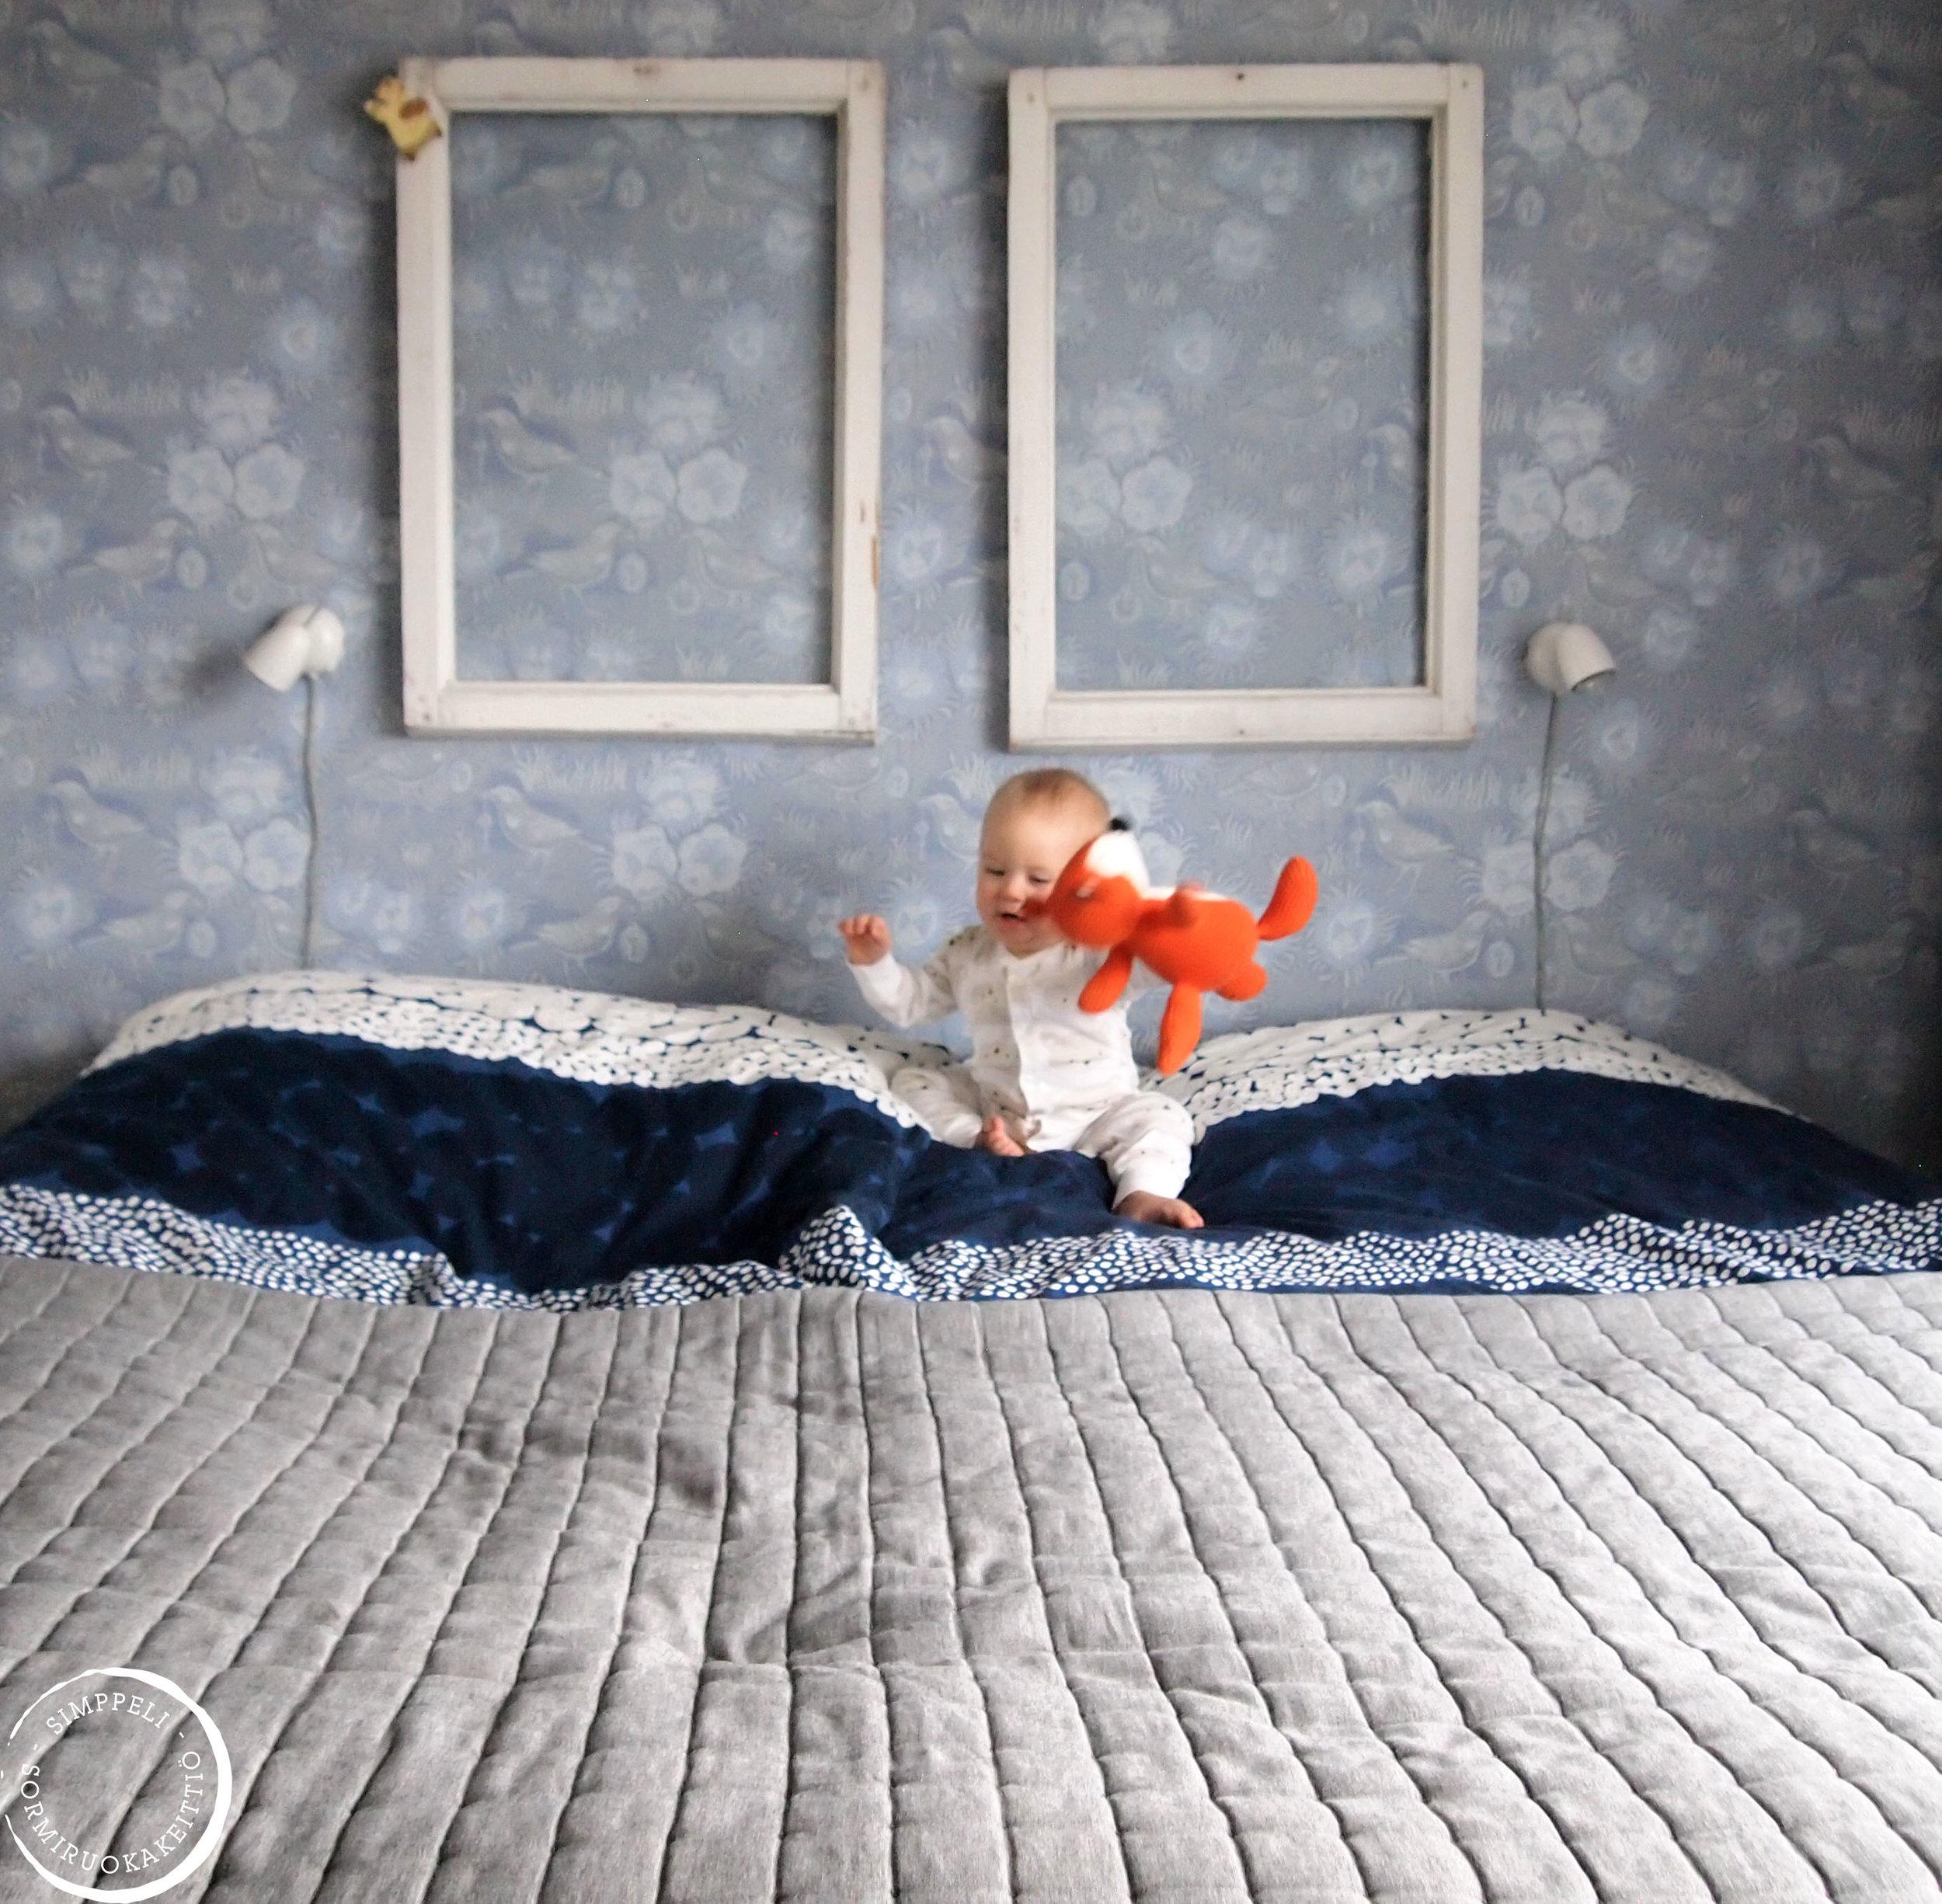 """""""Nukkuu kuin vauva"""" -sanonnan lanseeraaja ei koskaan tavannut meidän vauvaamme, tai ehkä kovin montaa muutakaan."""